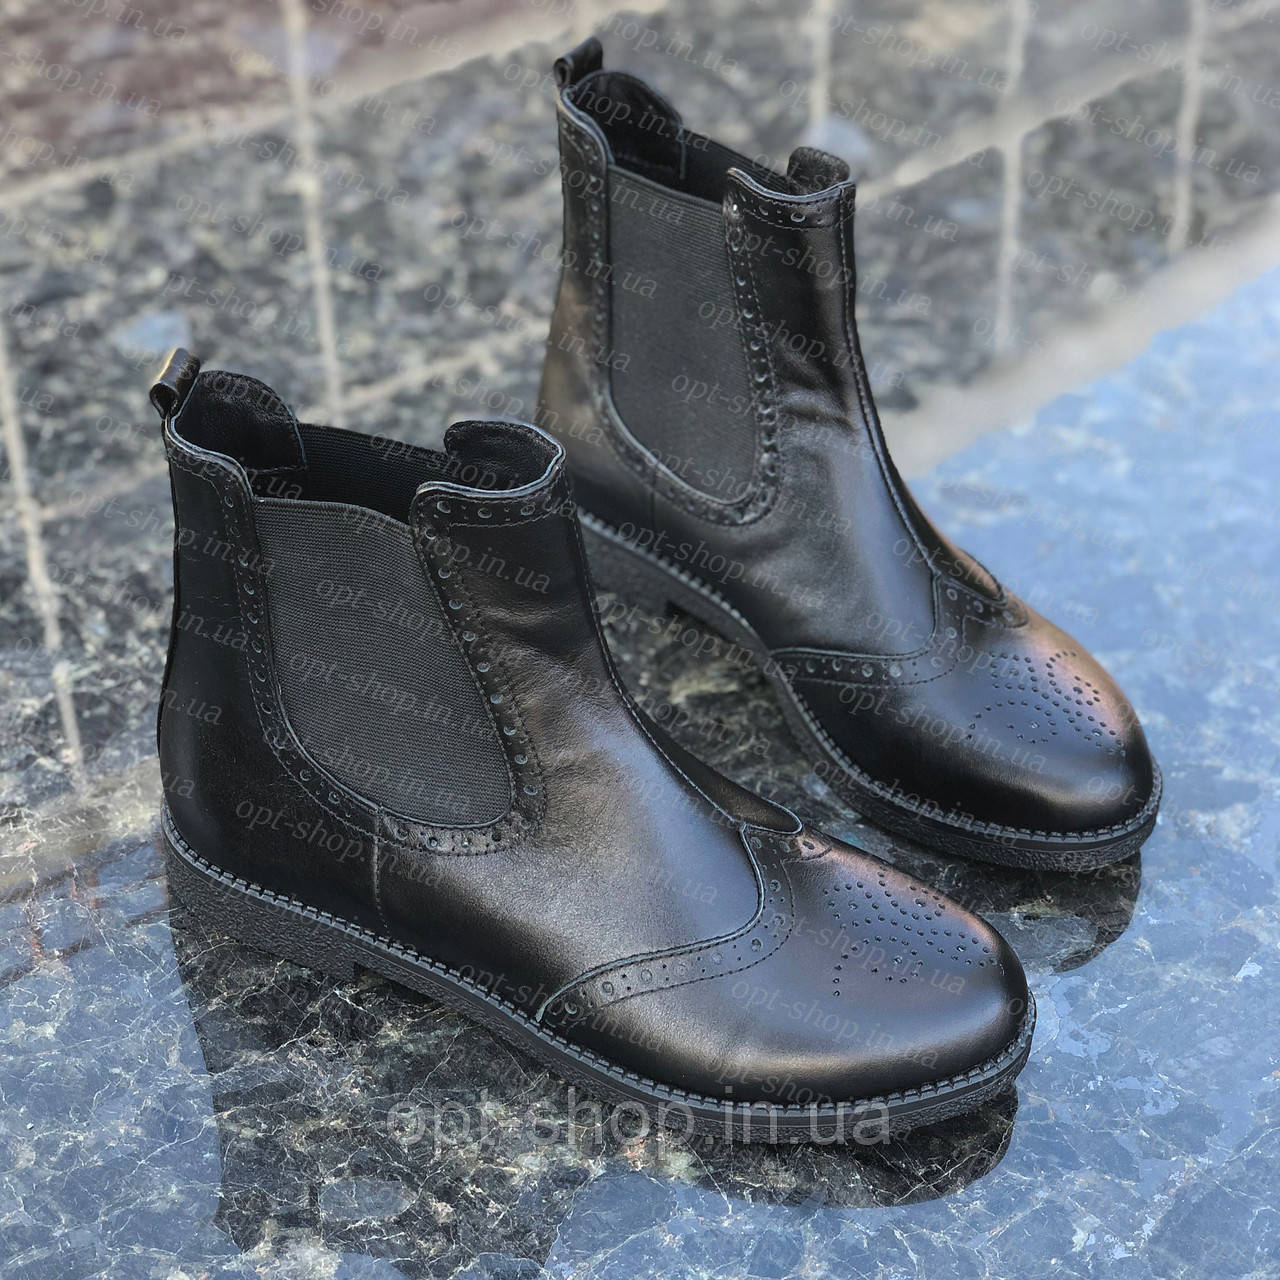 Ботинки челси женские осенние демисезонные кожаные черевики жіночі челсі (код:W-челси)